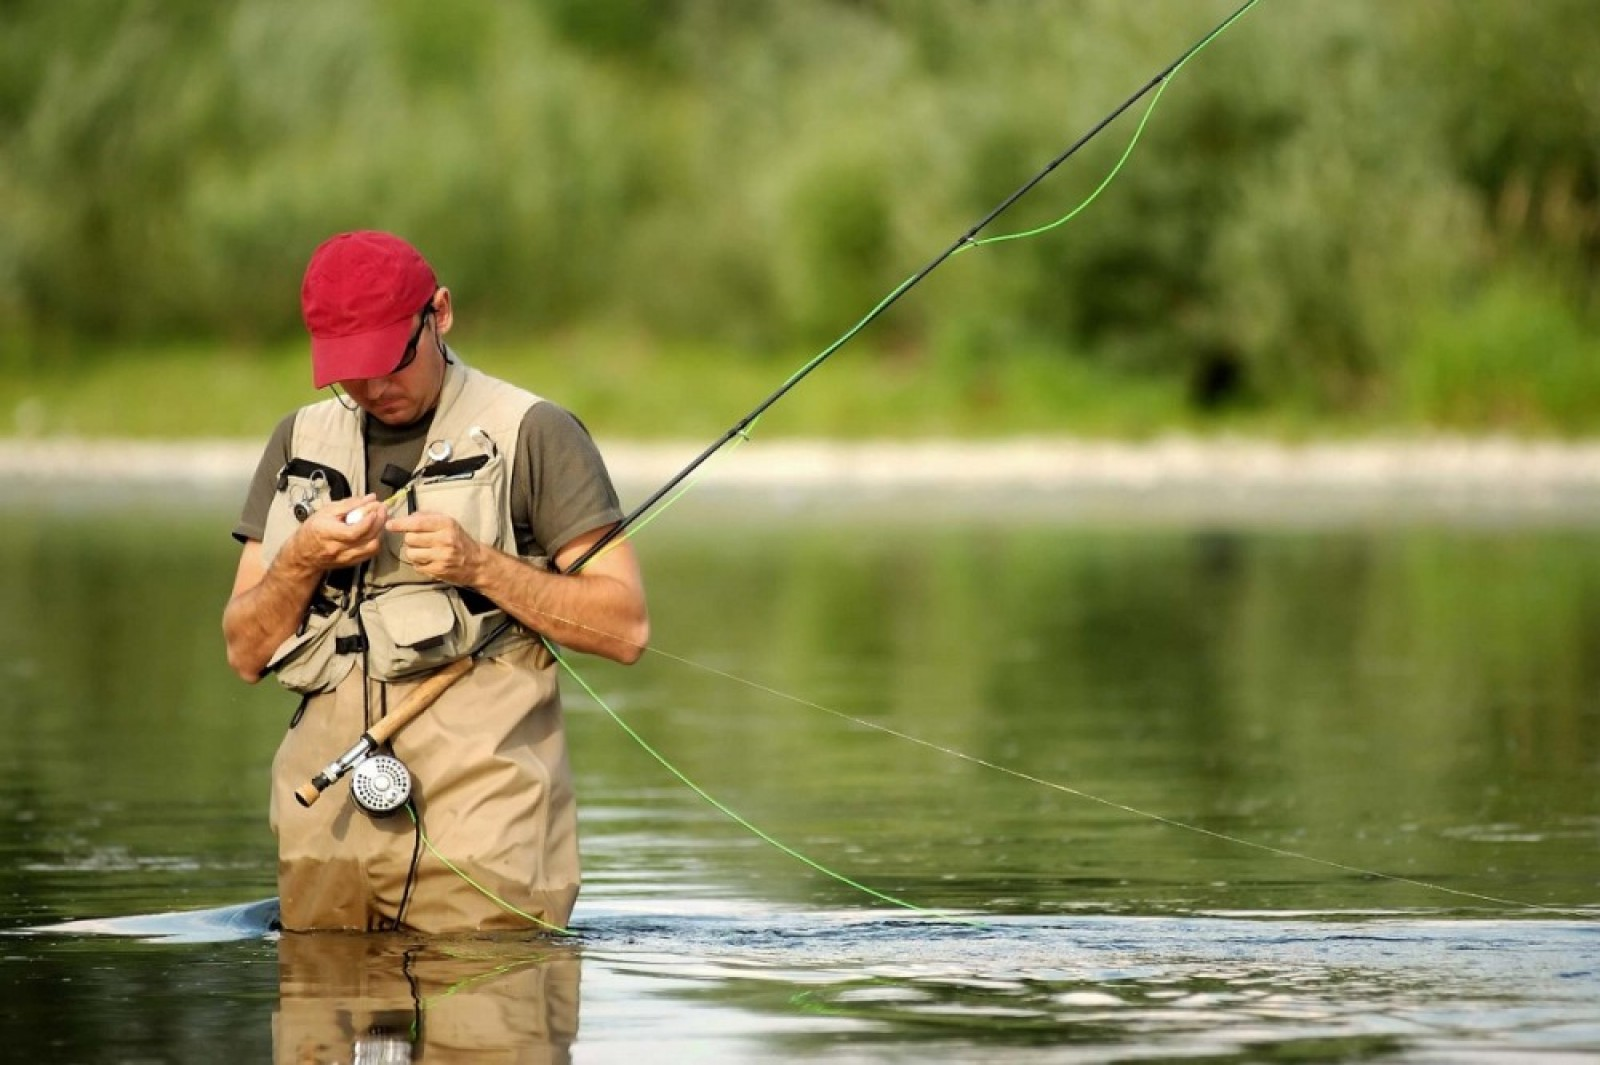 на рыбалке ударило током